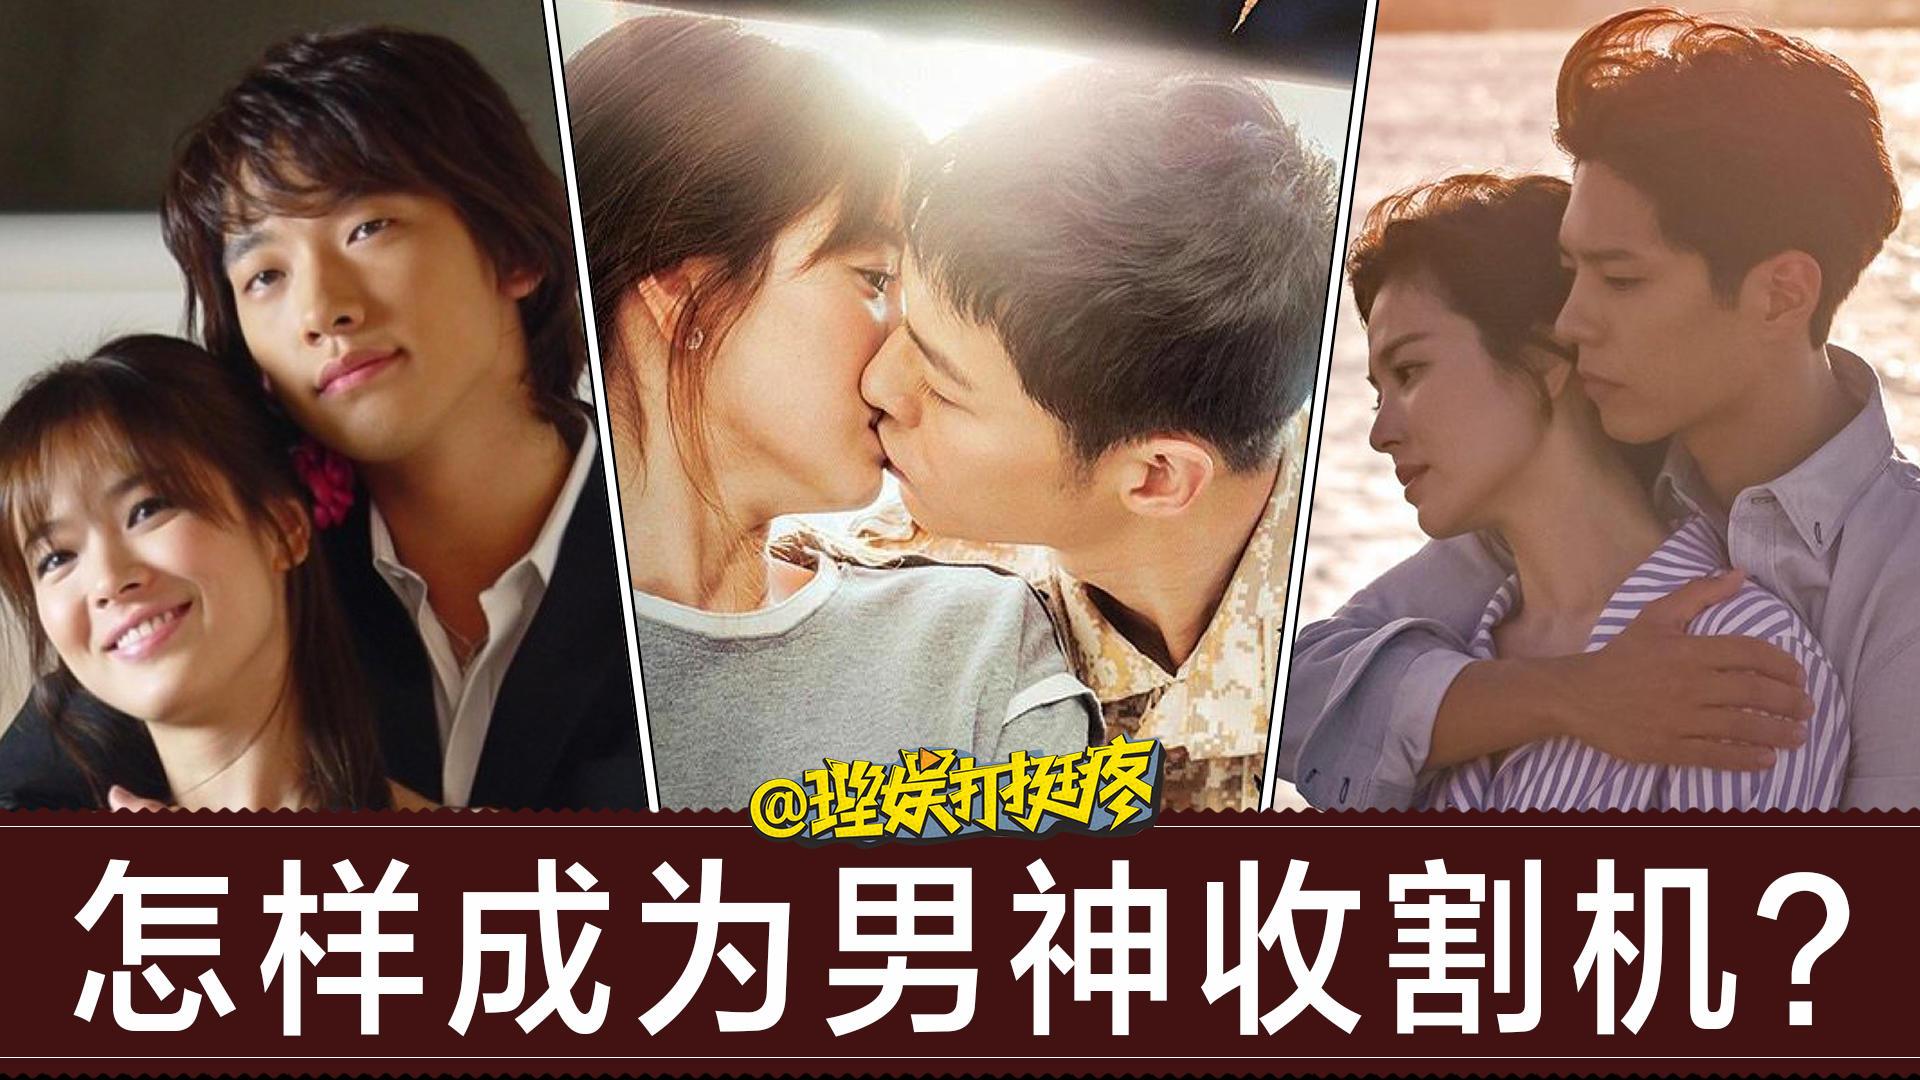 #男朋友#宋慧乔朴宝剑新剧《男朋友》比《太阳的后裔》还甜?